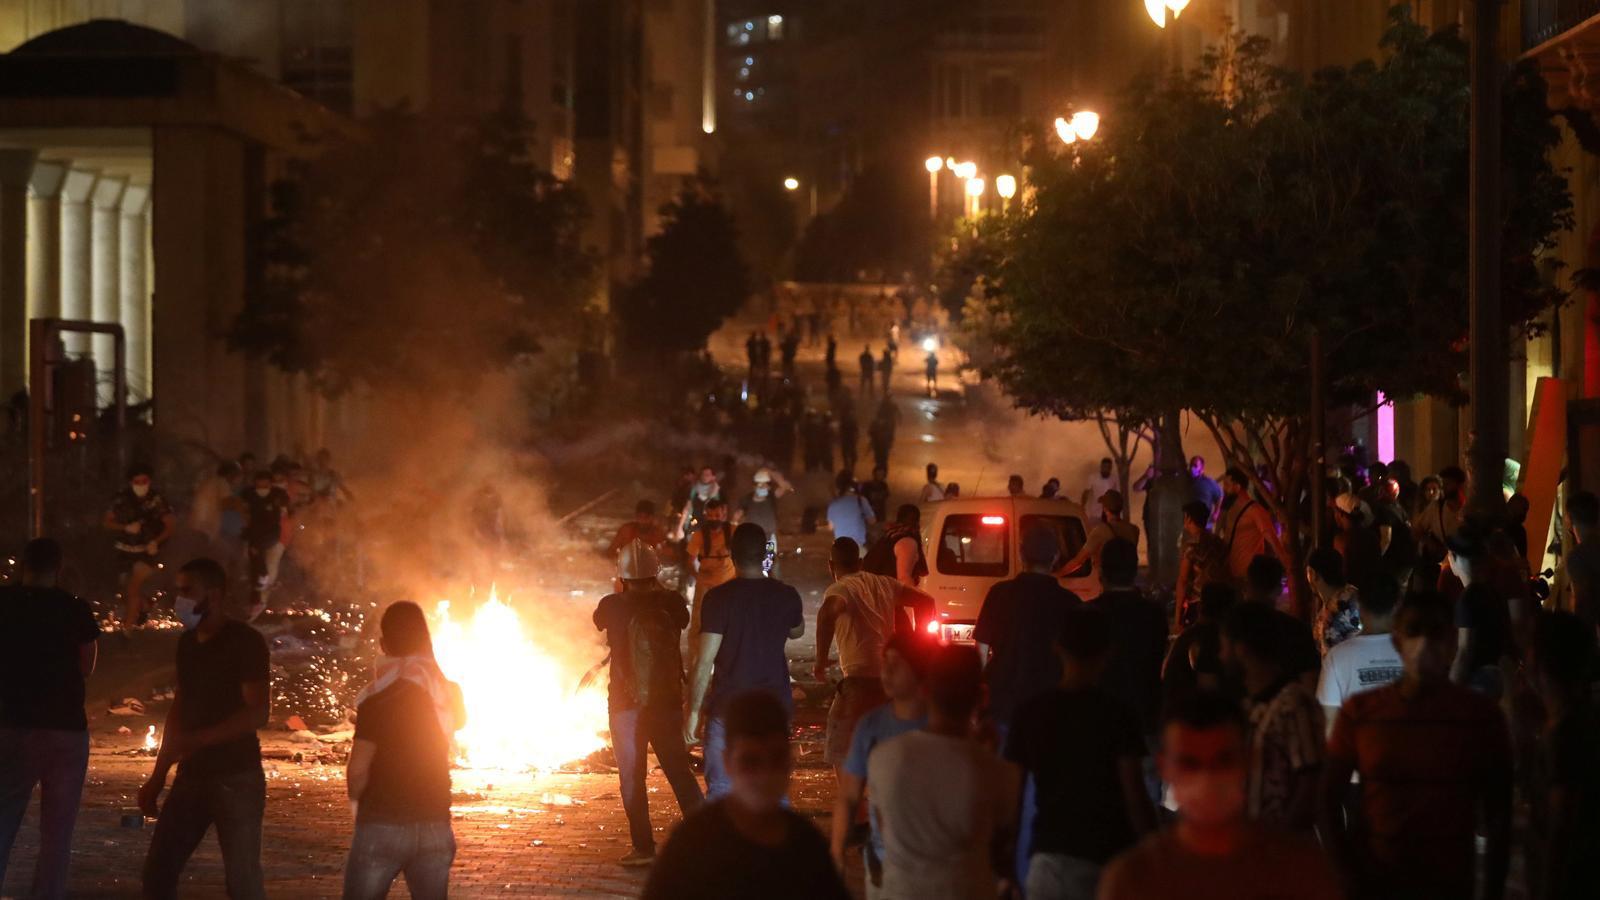 Esclaten protestes i aldarulls a Beirut contra el govern, acusat de negligència pels manifestants